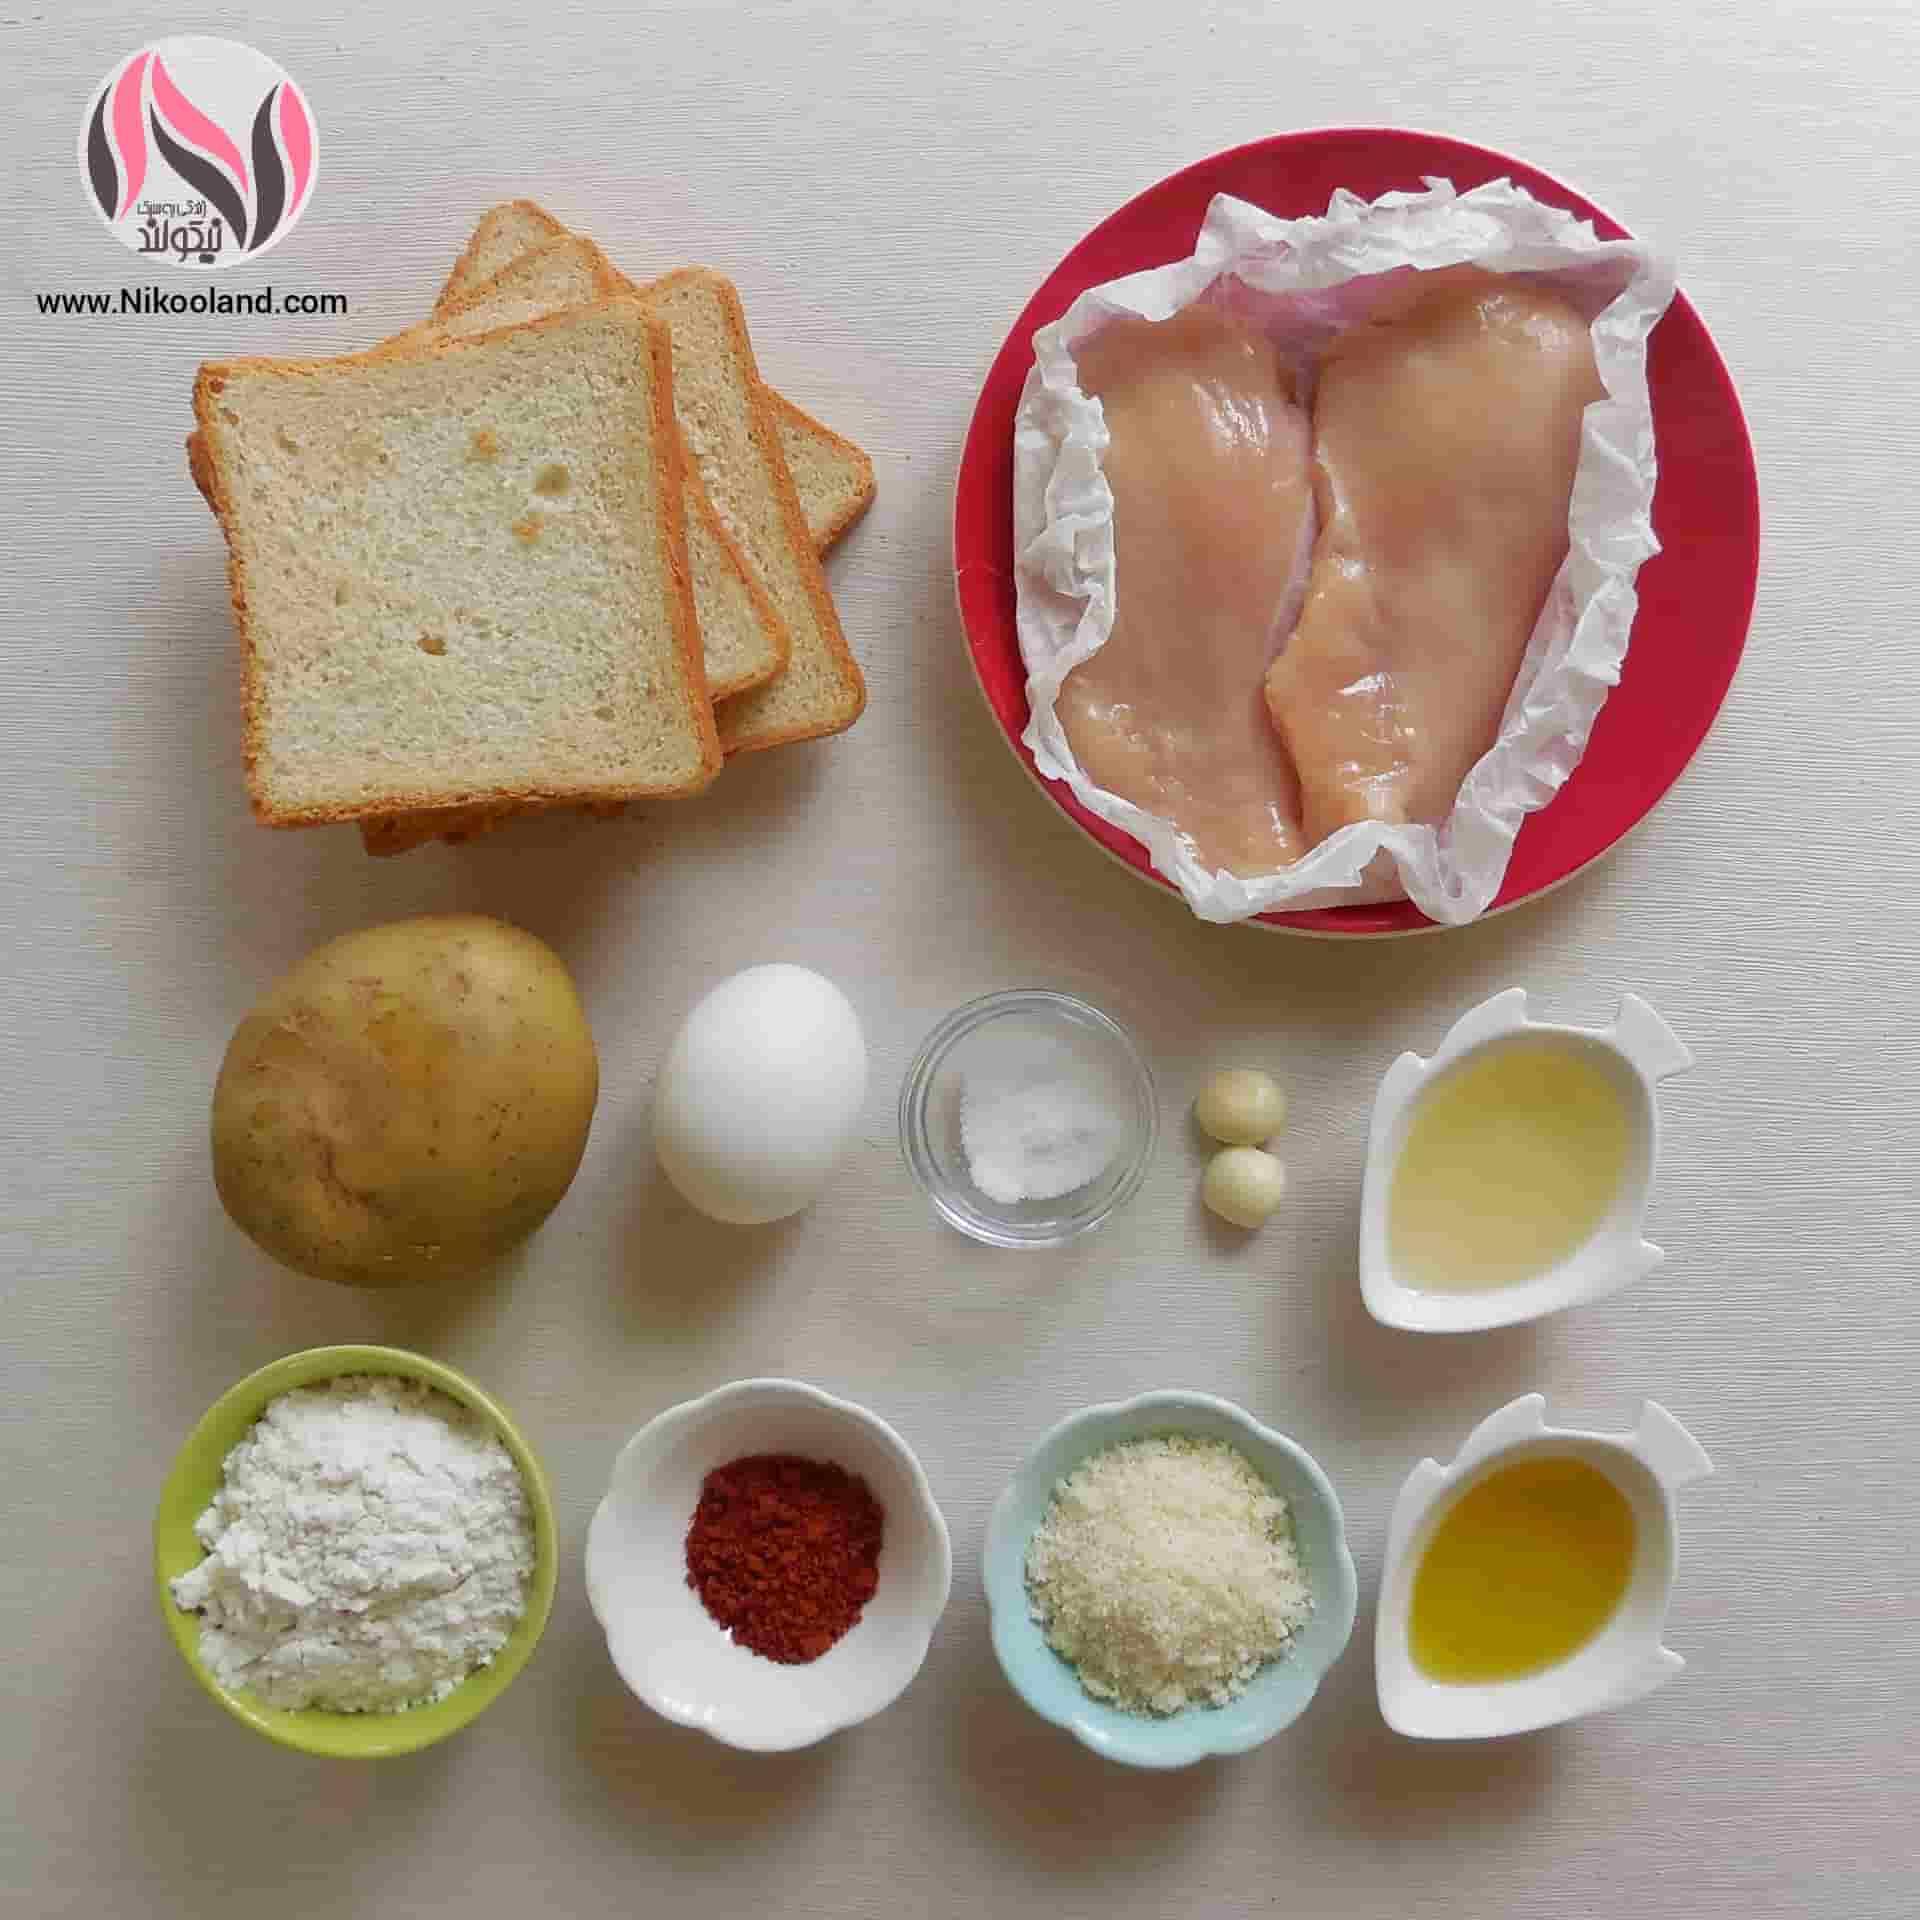 مواد لازم برای تهیه فیله مرغ سوخاری و سیب زمینی کبابی